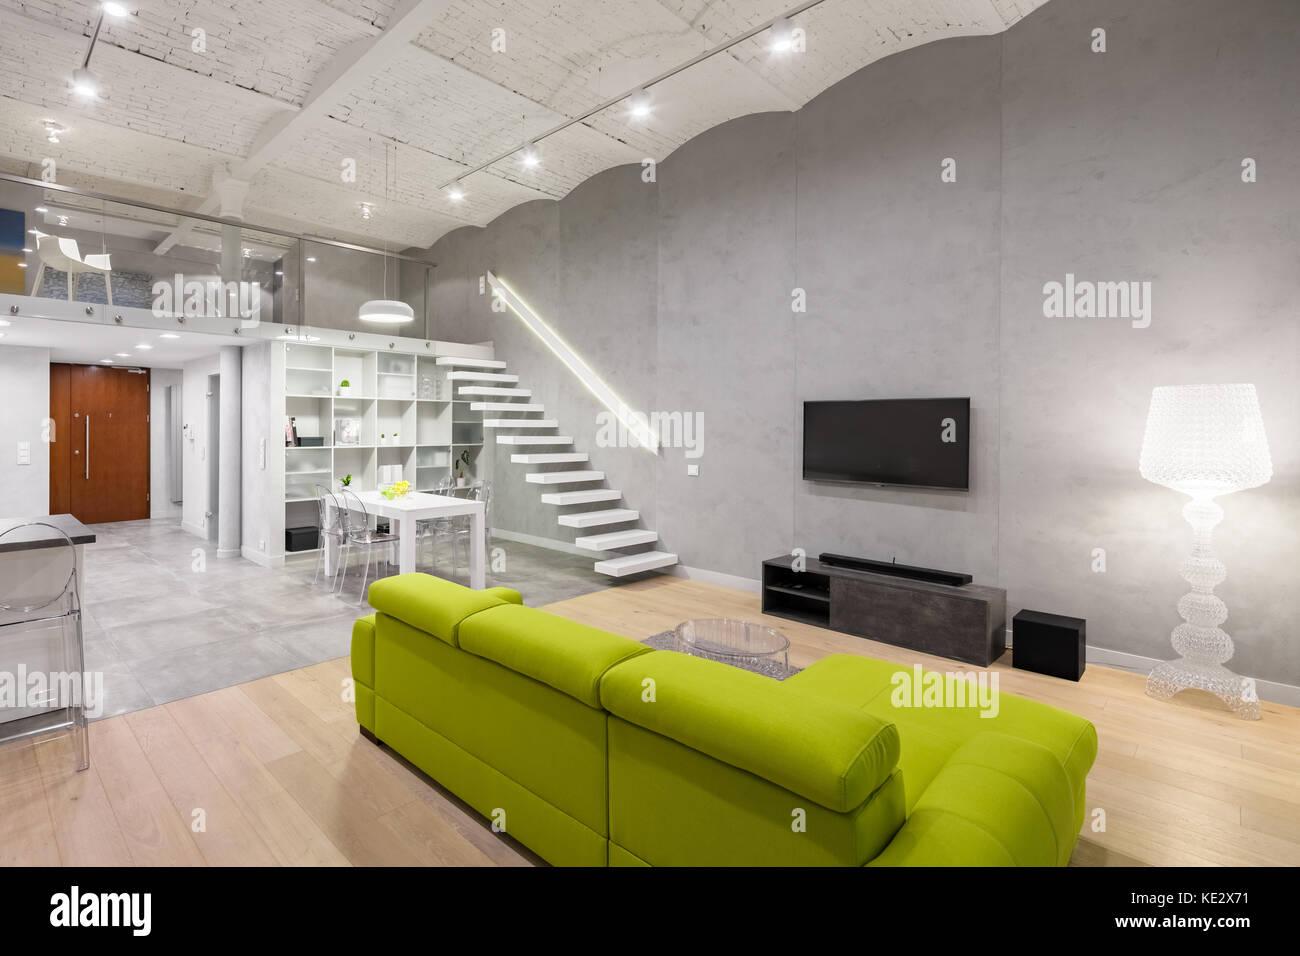 Casa verde interior con sofá, TV y mezzanine Imagen De Stock